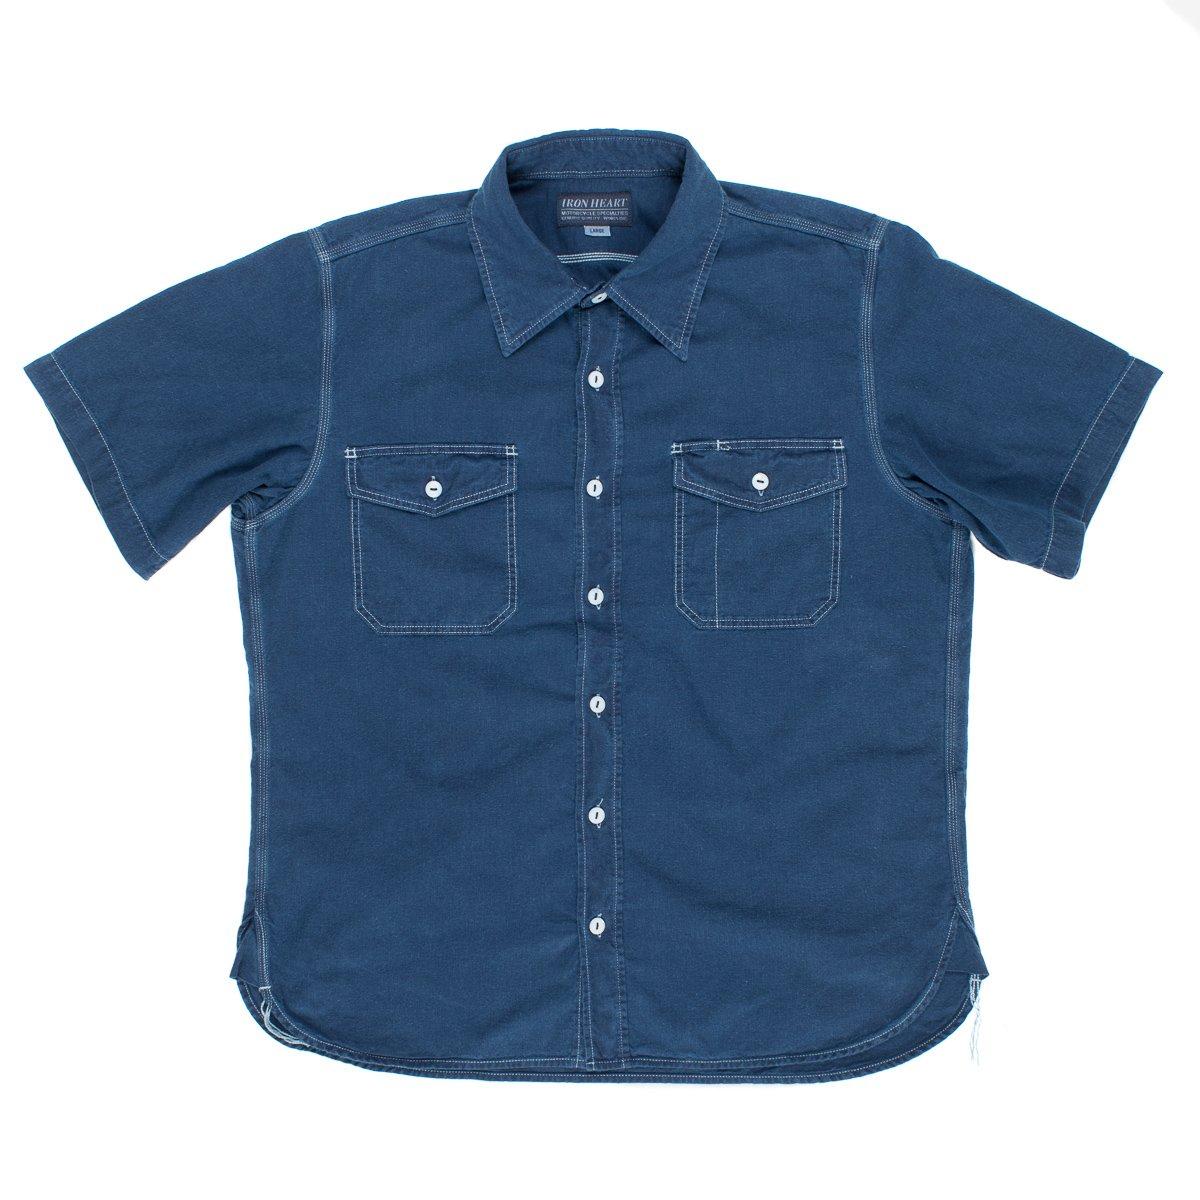 c4c6043b71 Indigo Overdyed US Navy Style 5.5oz Selvedge Short Sleeved Chambray Shirt